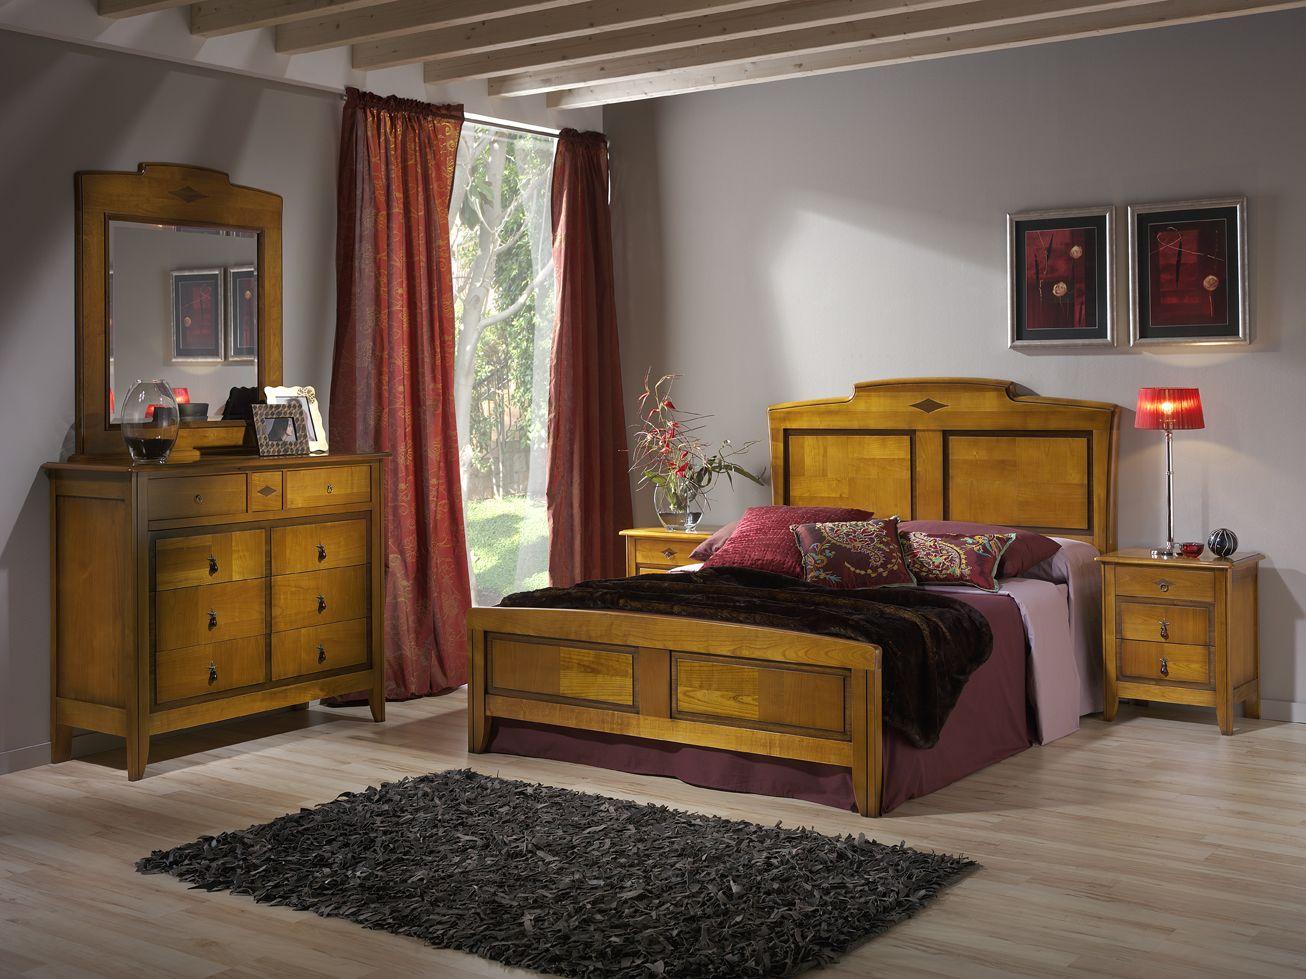 Dormitorio clasico de matrimonio coleccion daniela en for Dormitorio matrimonio madera